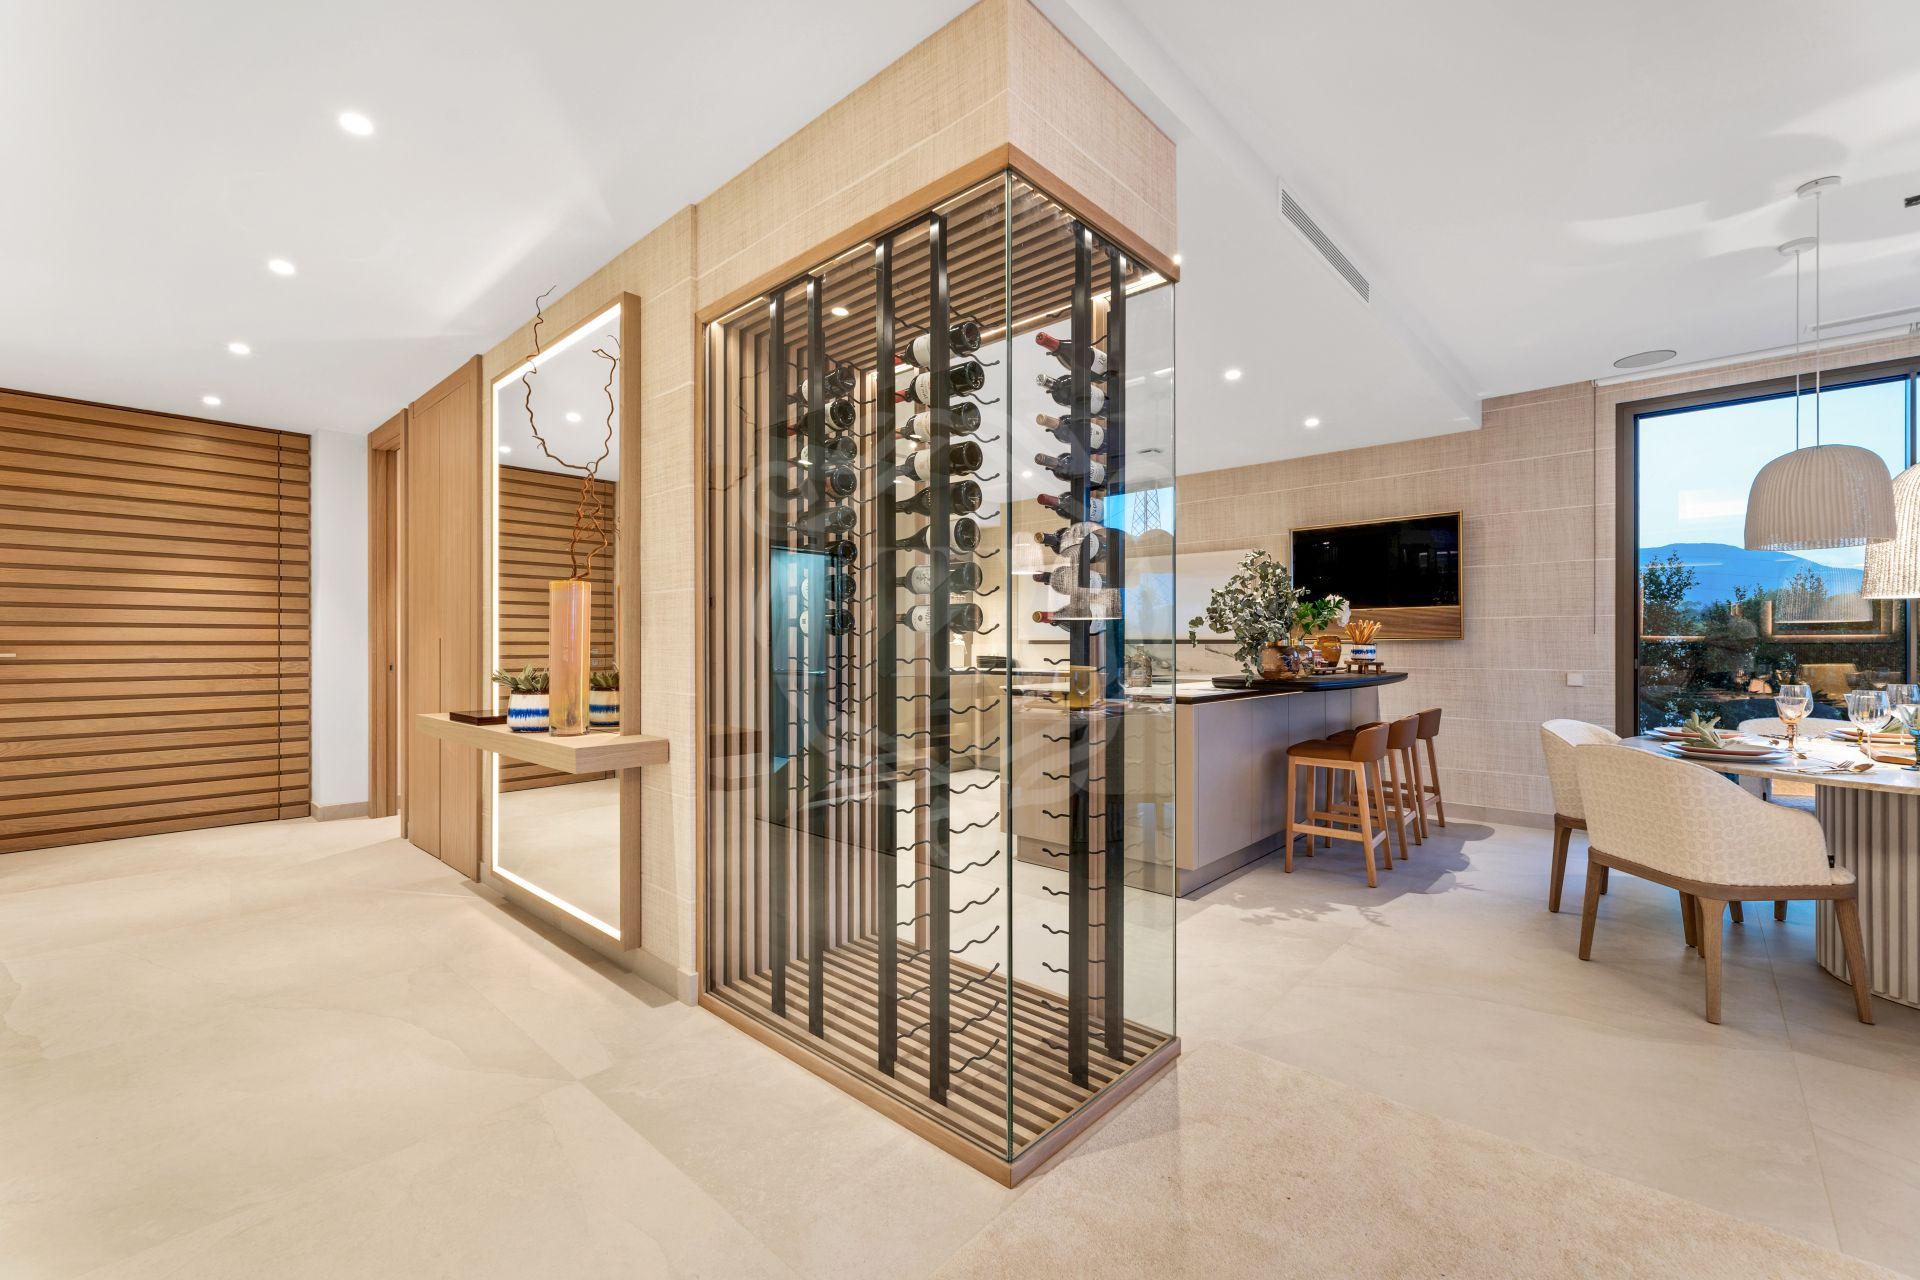 Semi Detached House for sale in Celeste Marbella, Nueva Andalucia